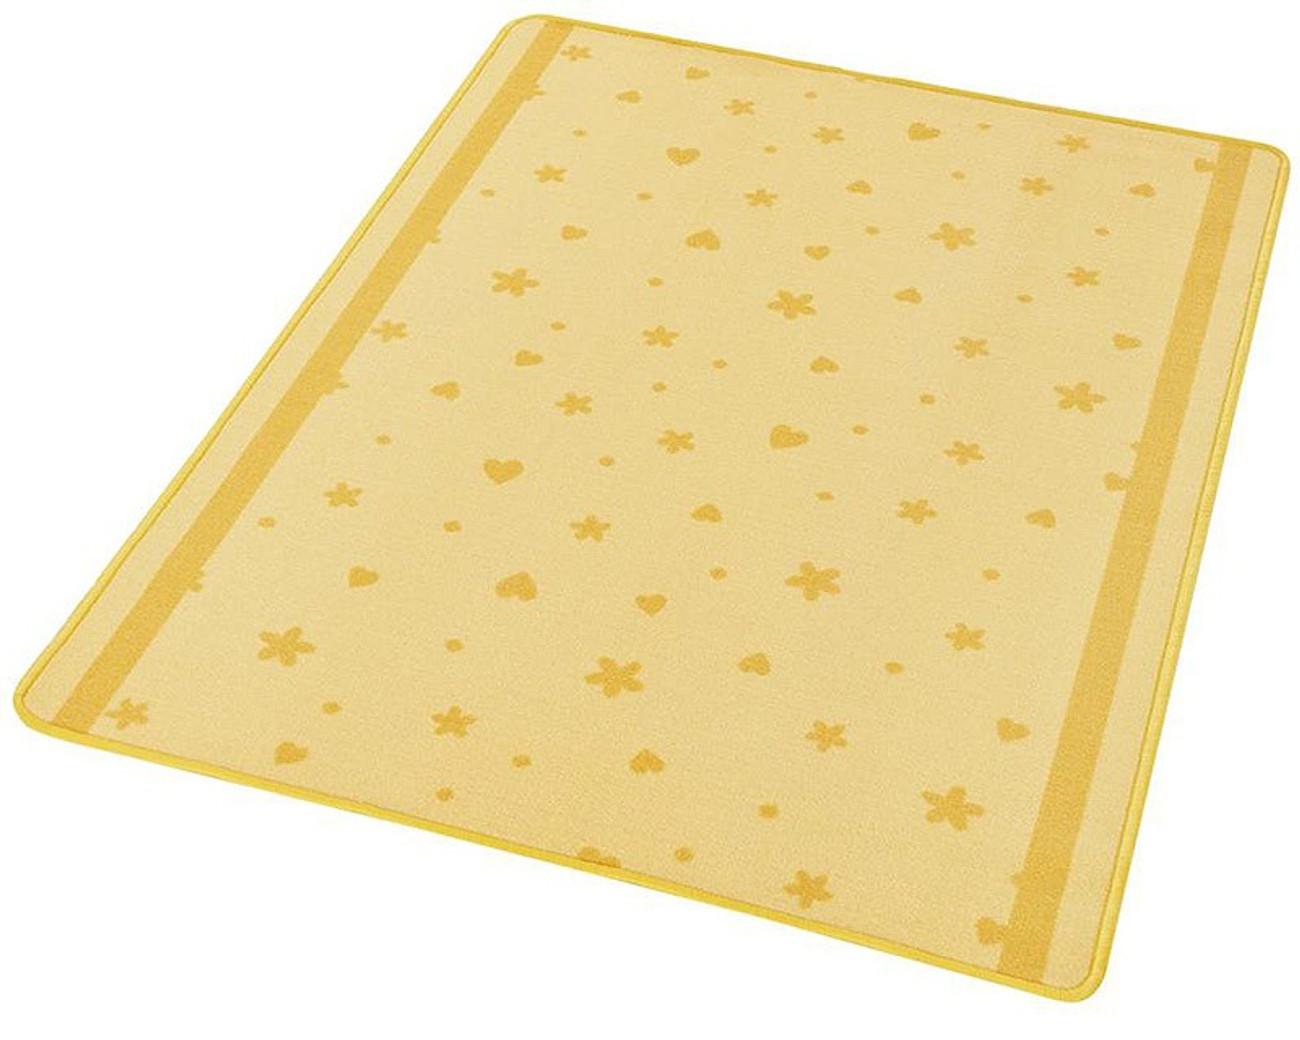 Design Kinderteppich Sterne Und Herzen Gelb Orange 100x140 Cm